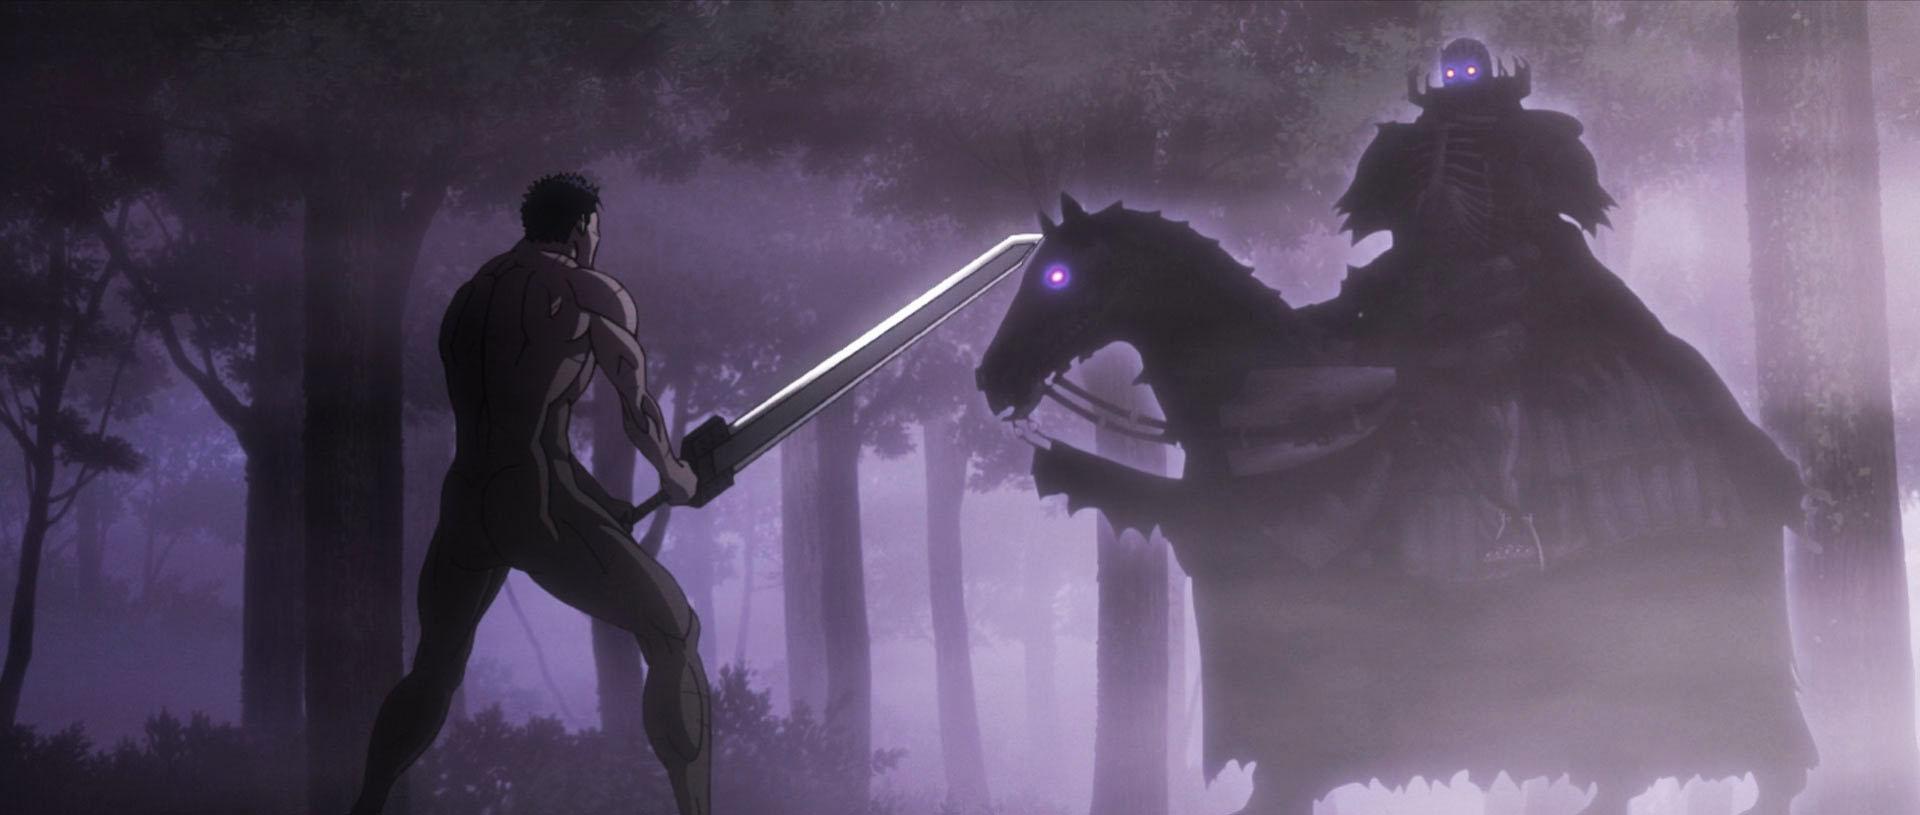 Kết quả hình ảnh cho Berserk arc 3